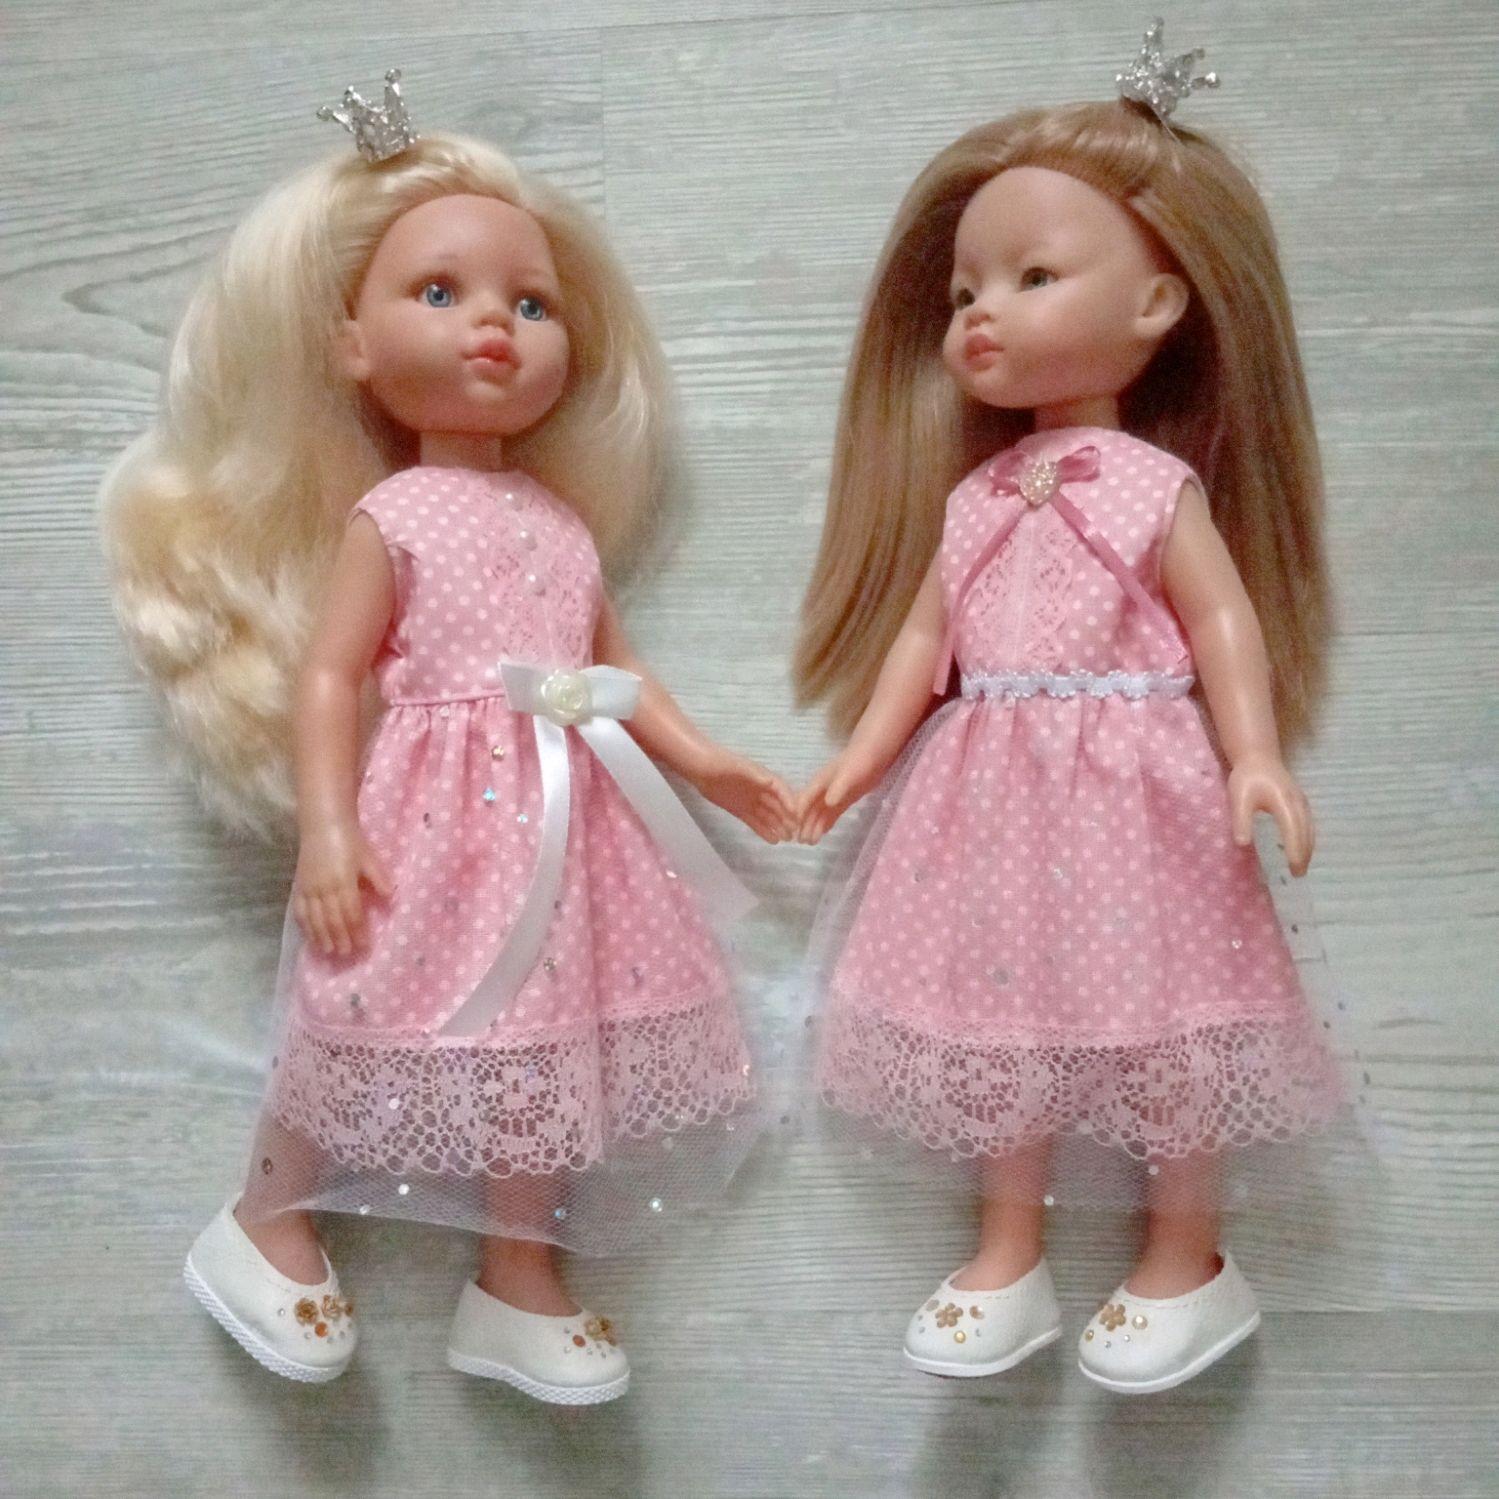 Платье для кукол 32-35см Паола Рейна и им подобным, Одежда для кукол, Москва,  Фото №1